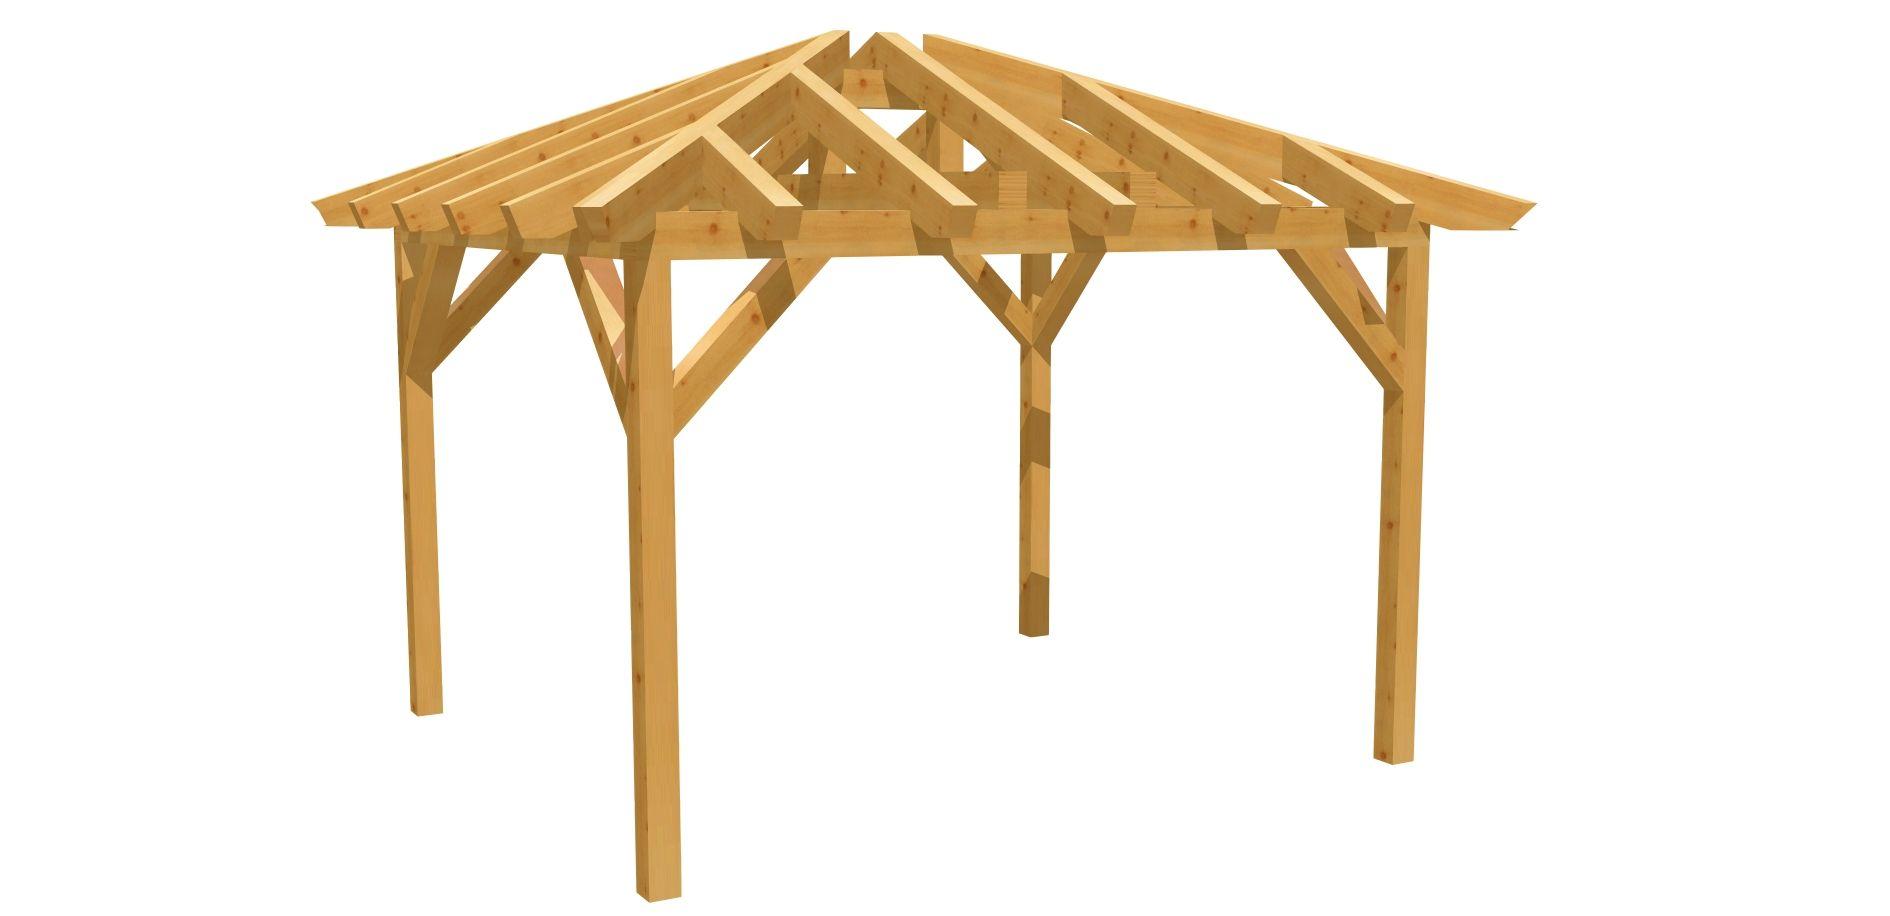 Carport Walmdach Selber Bauen Outdoor Structures Gazebo Structures